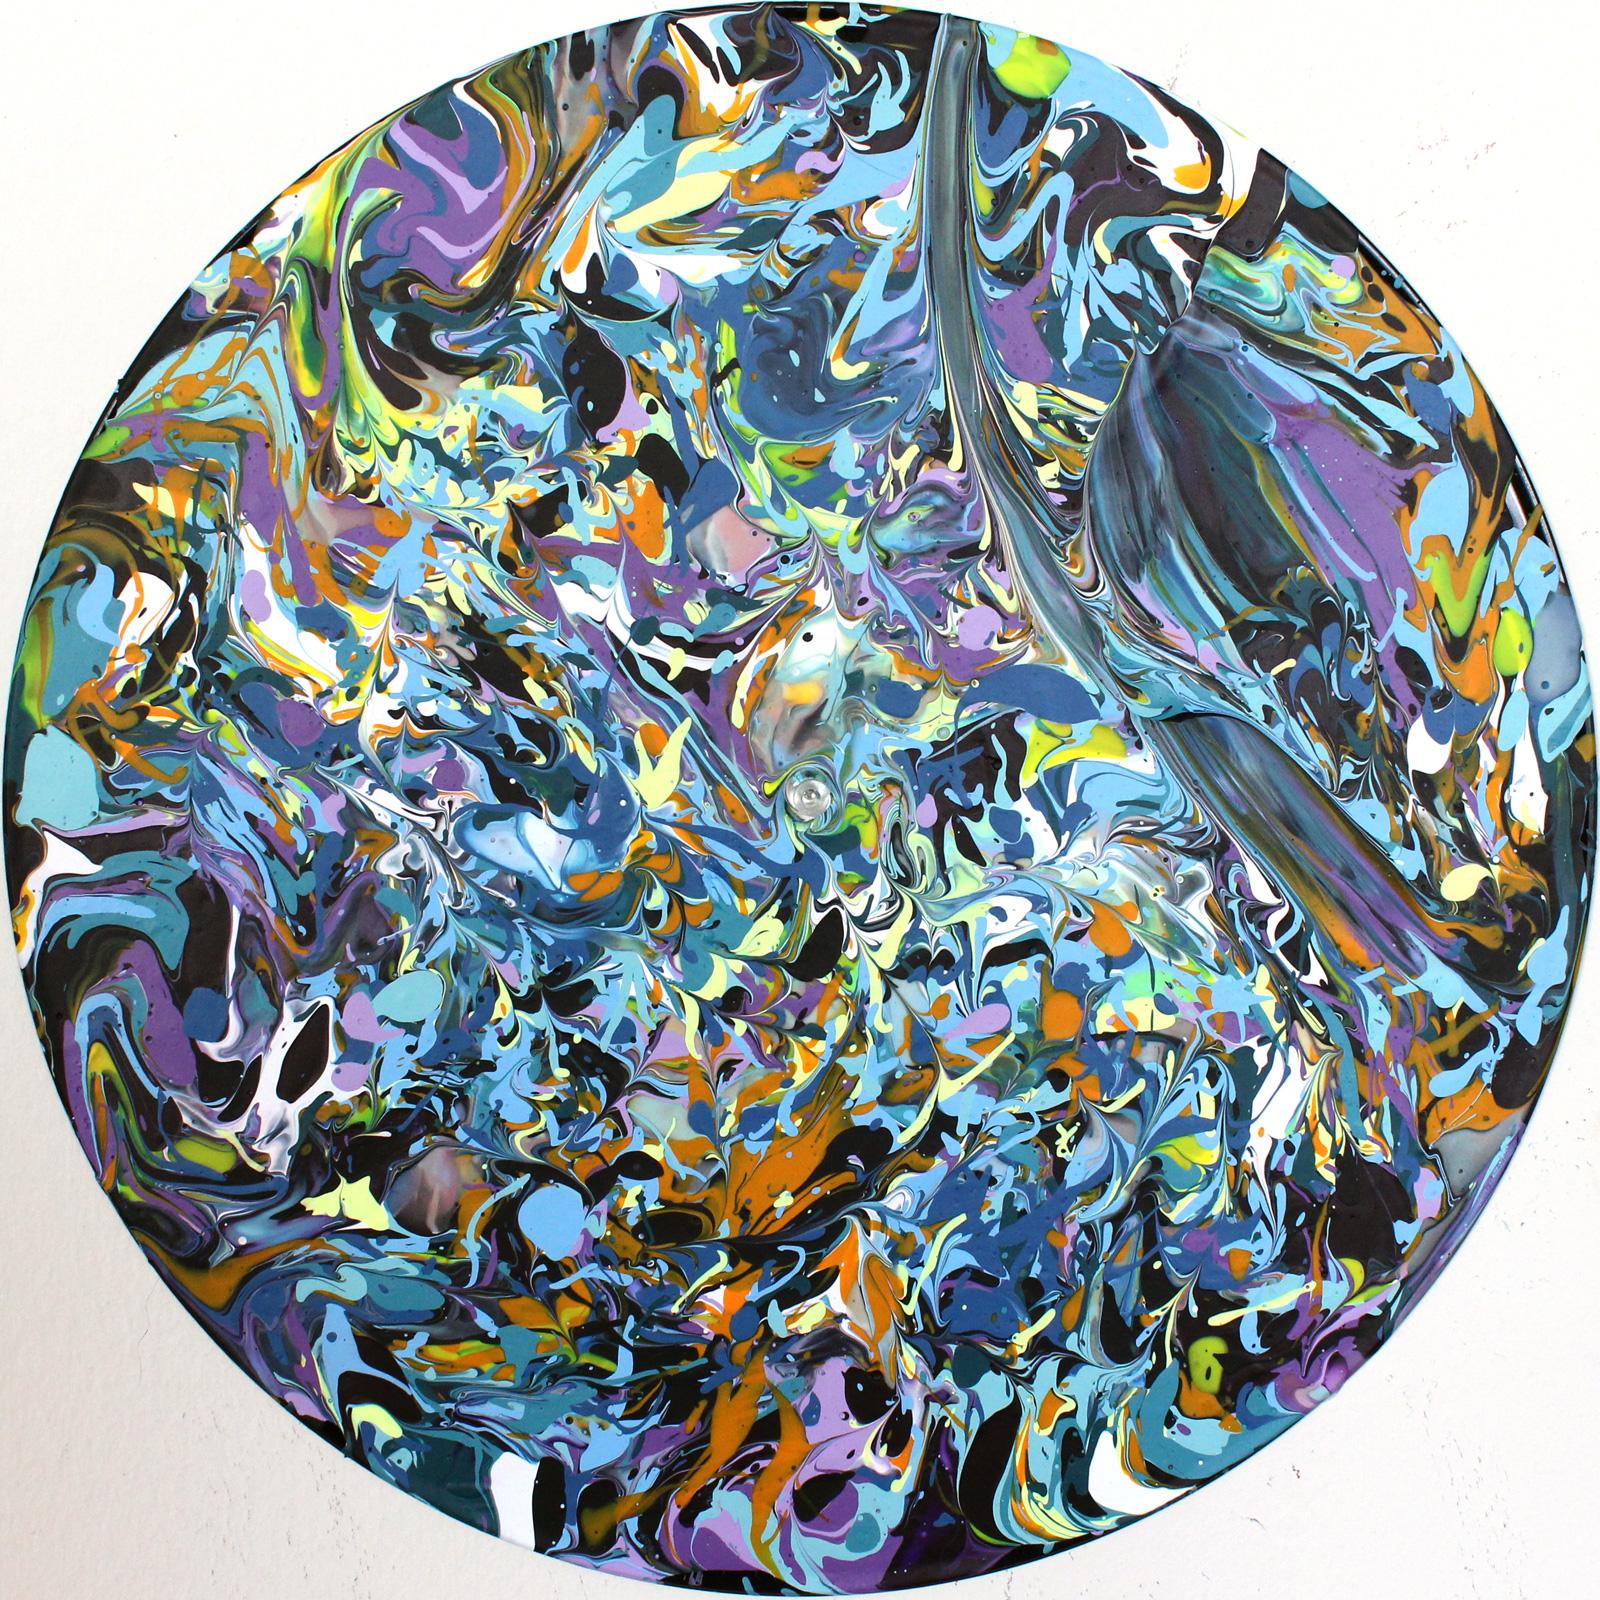 Blue Velvet - Phil Connor